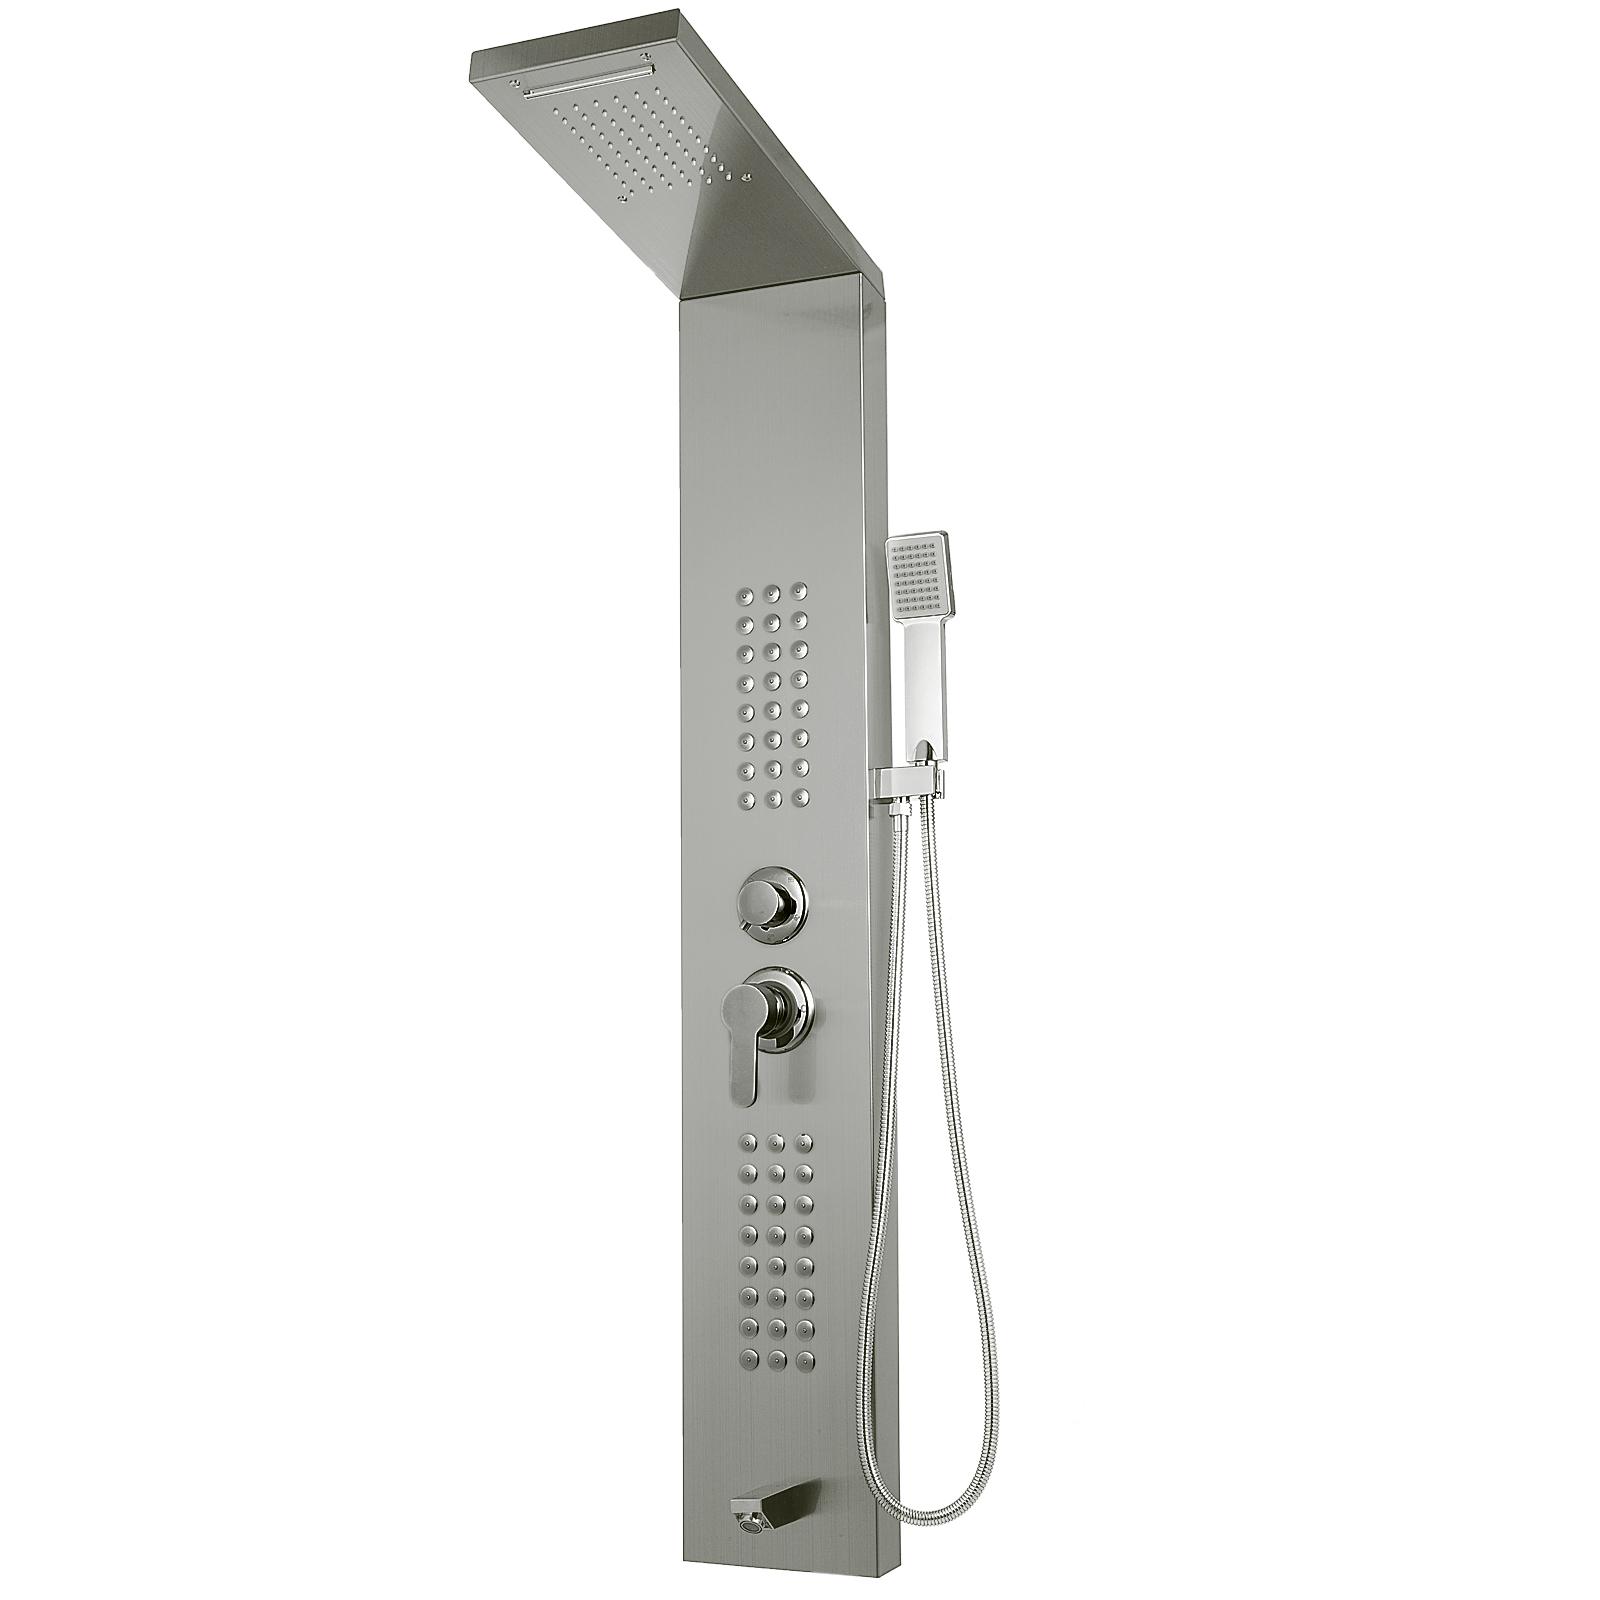 Pannello-doccia-idromassaggio-colonna-in-acciaio-inossidabile-con-miscelatore miniatura 75